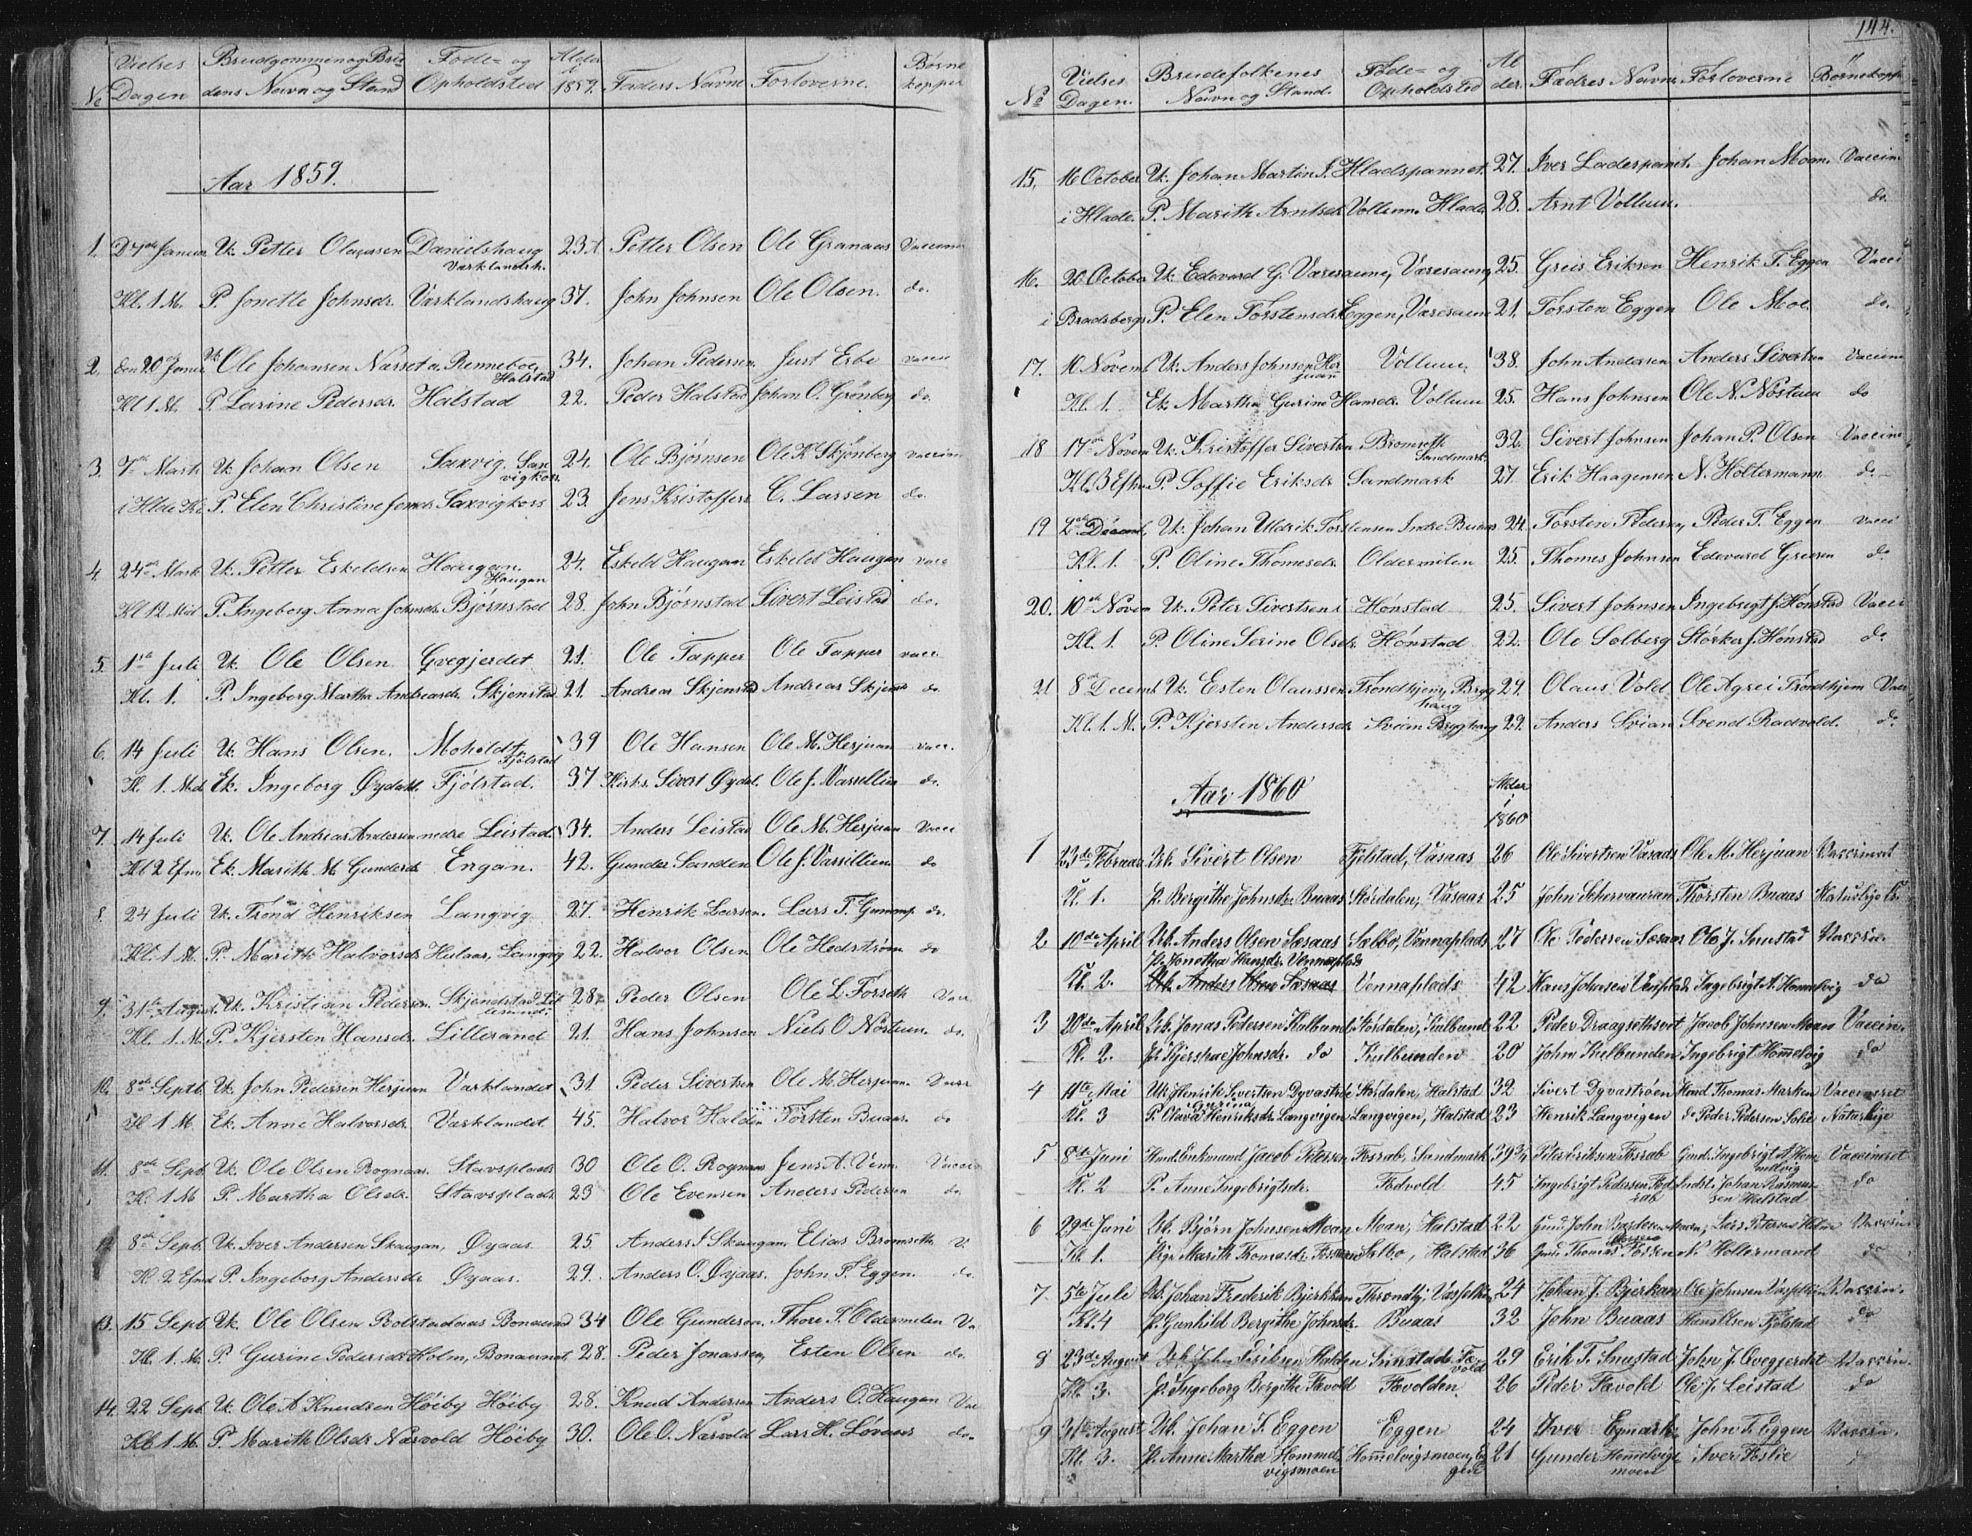 SAT, Ministerialprotokoller, klokkerbøker og fødselsregistre - Sør-Trøndelag, 616/L0406: Ministerialbok nr. 616A03, 1843-1879, s. 144